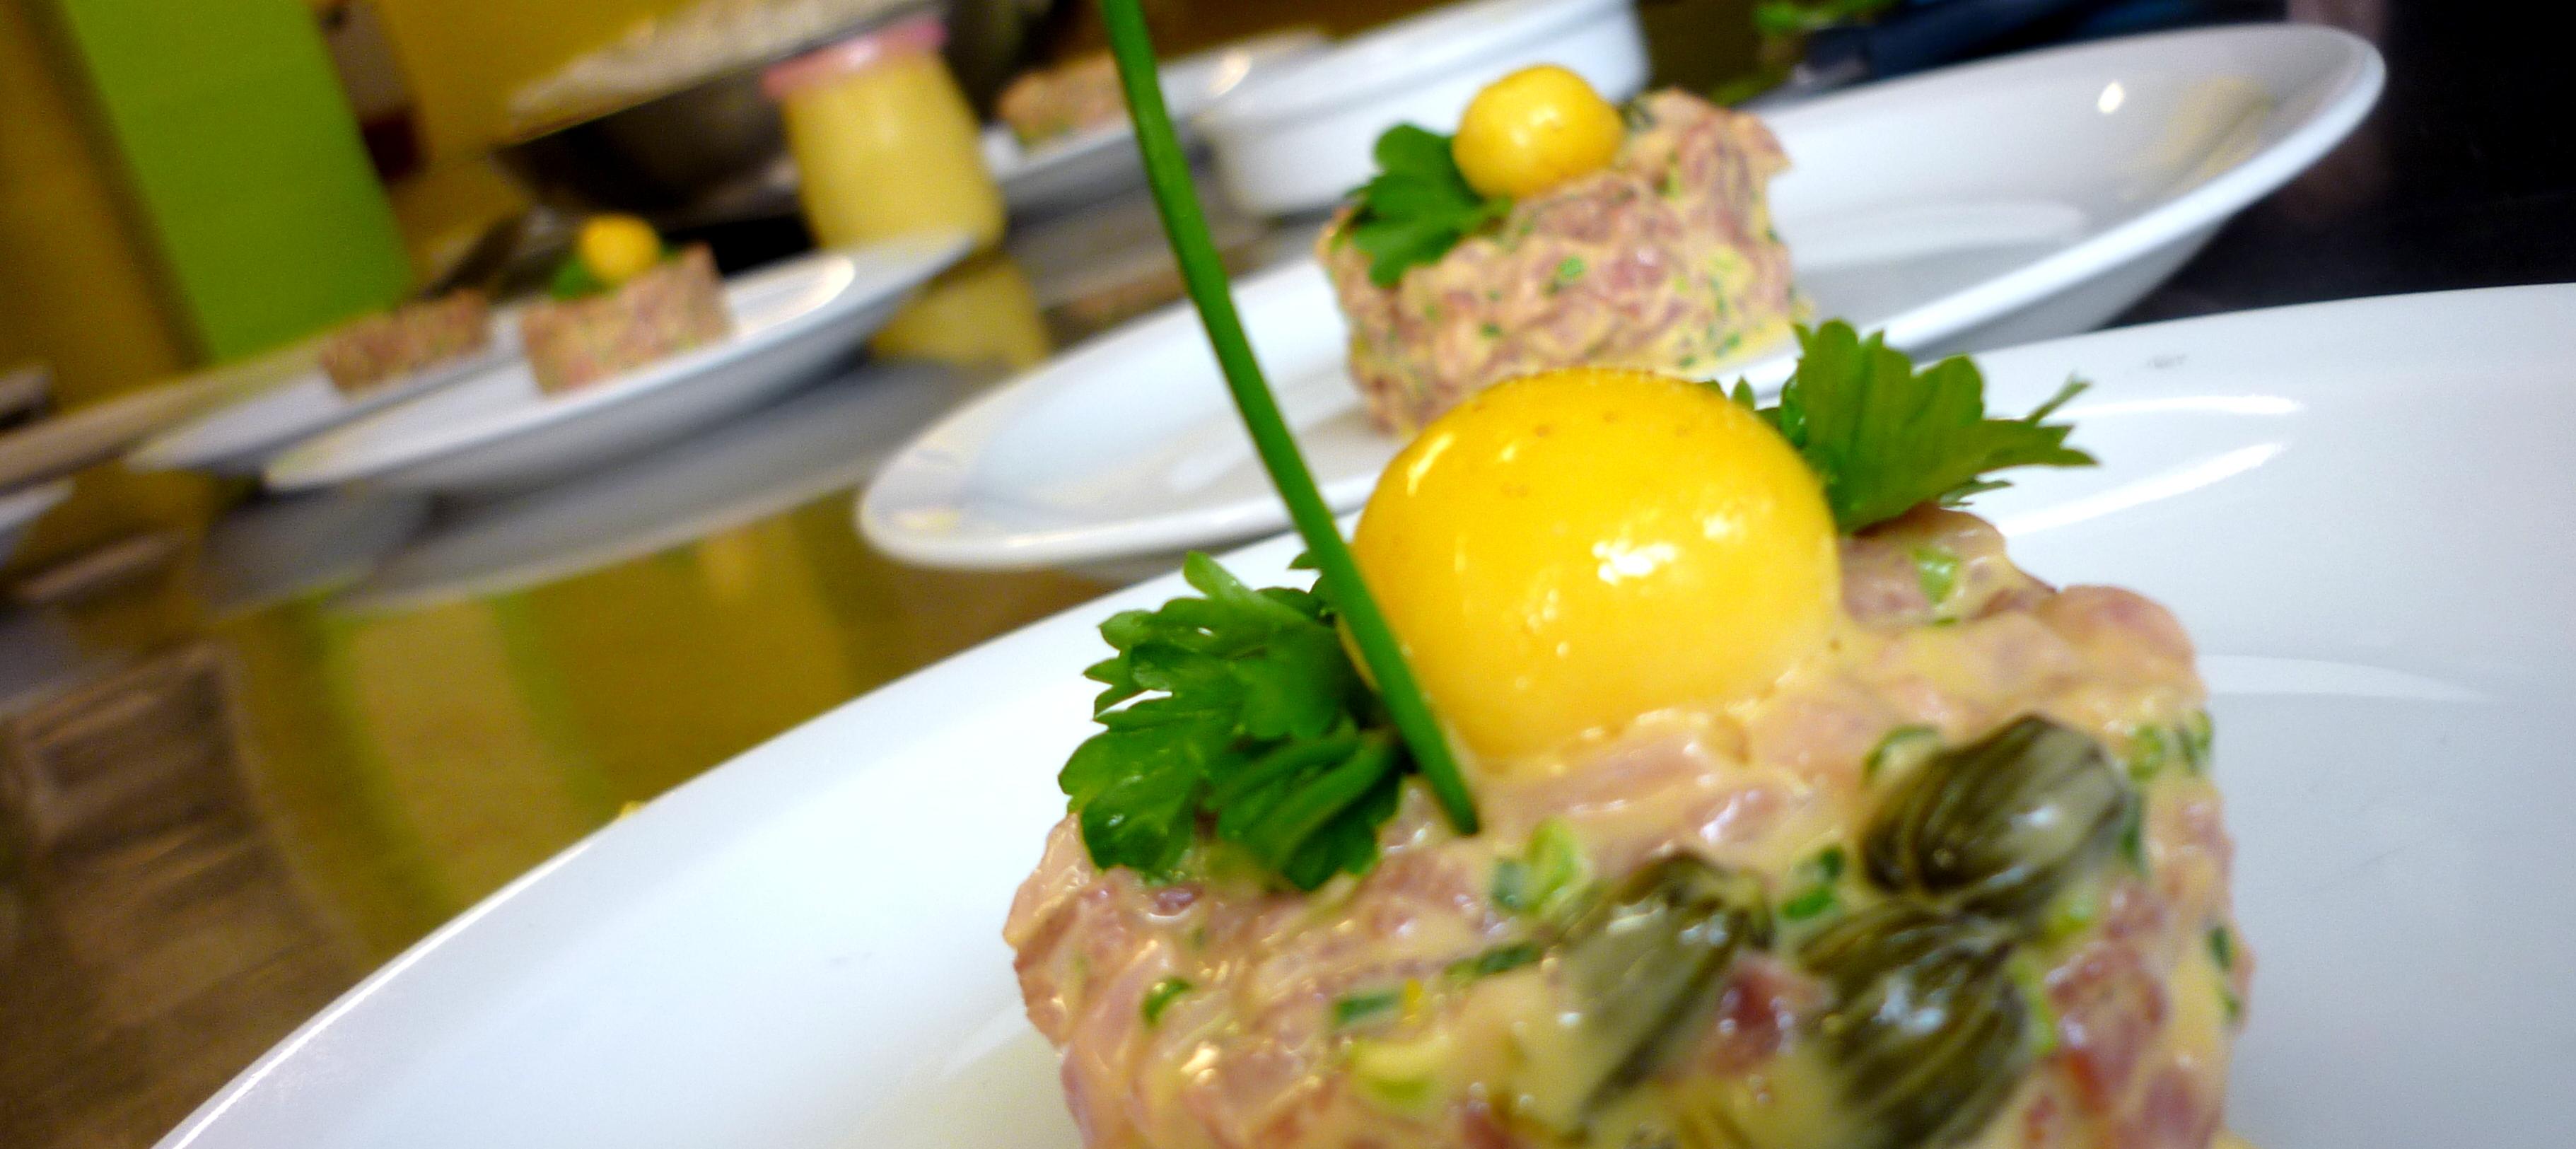 Tartare de boeuf c pres de pissenlit cuisine sauvage asbl - Tartare de boeuf cyril lignac ...